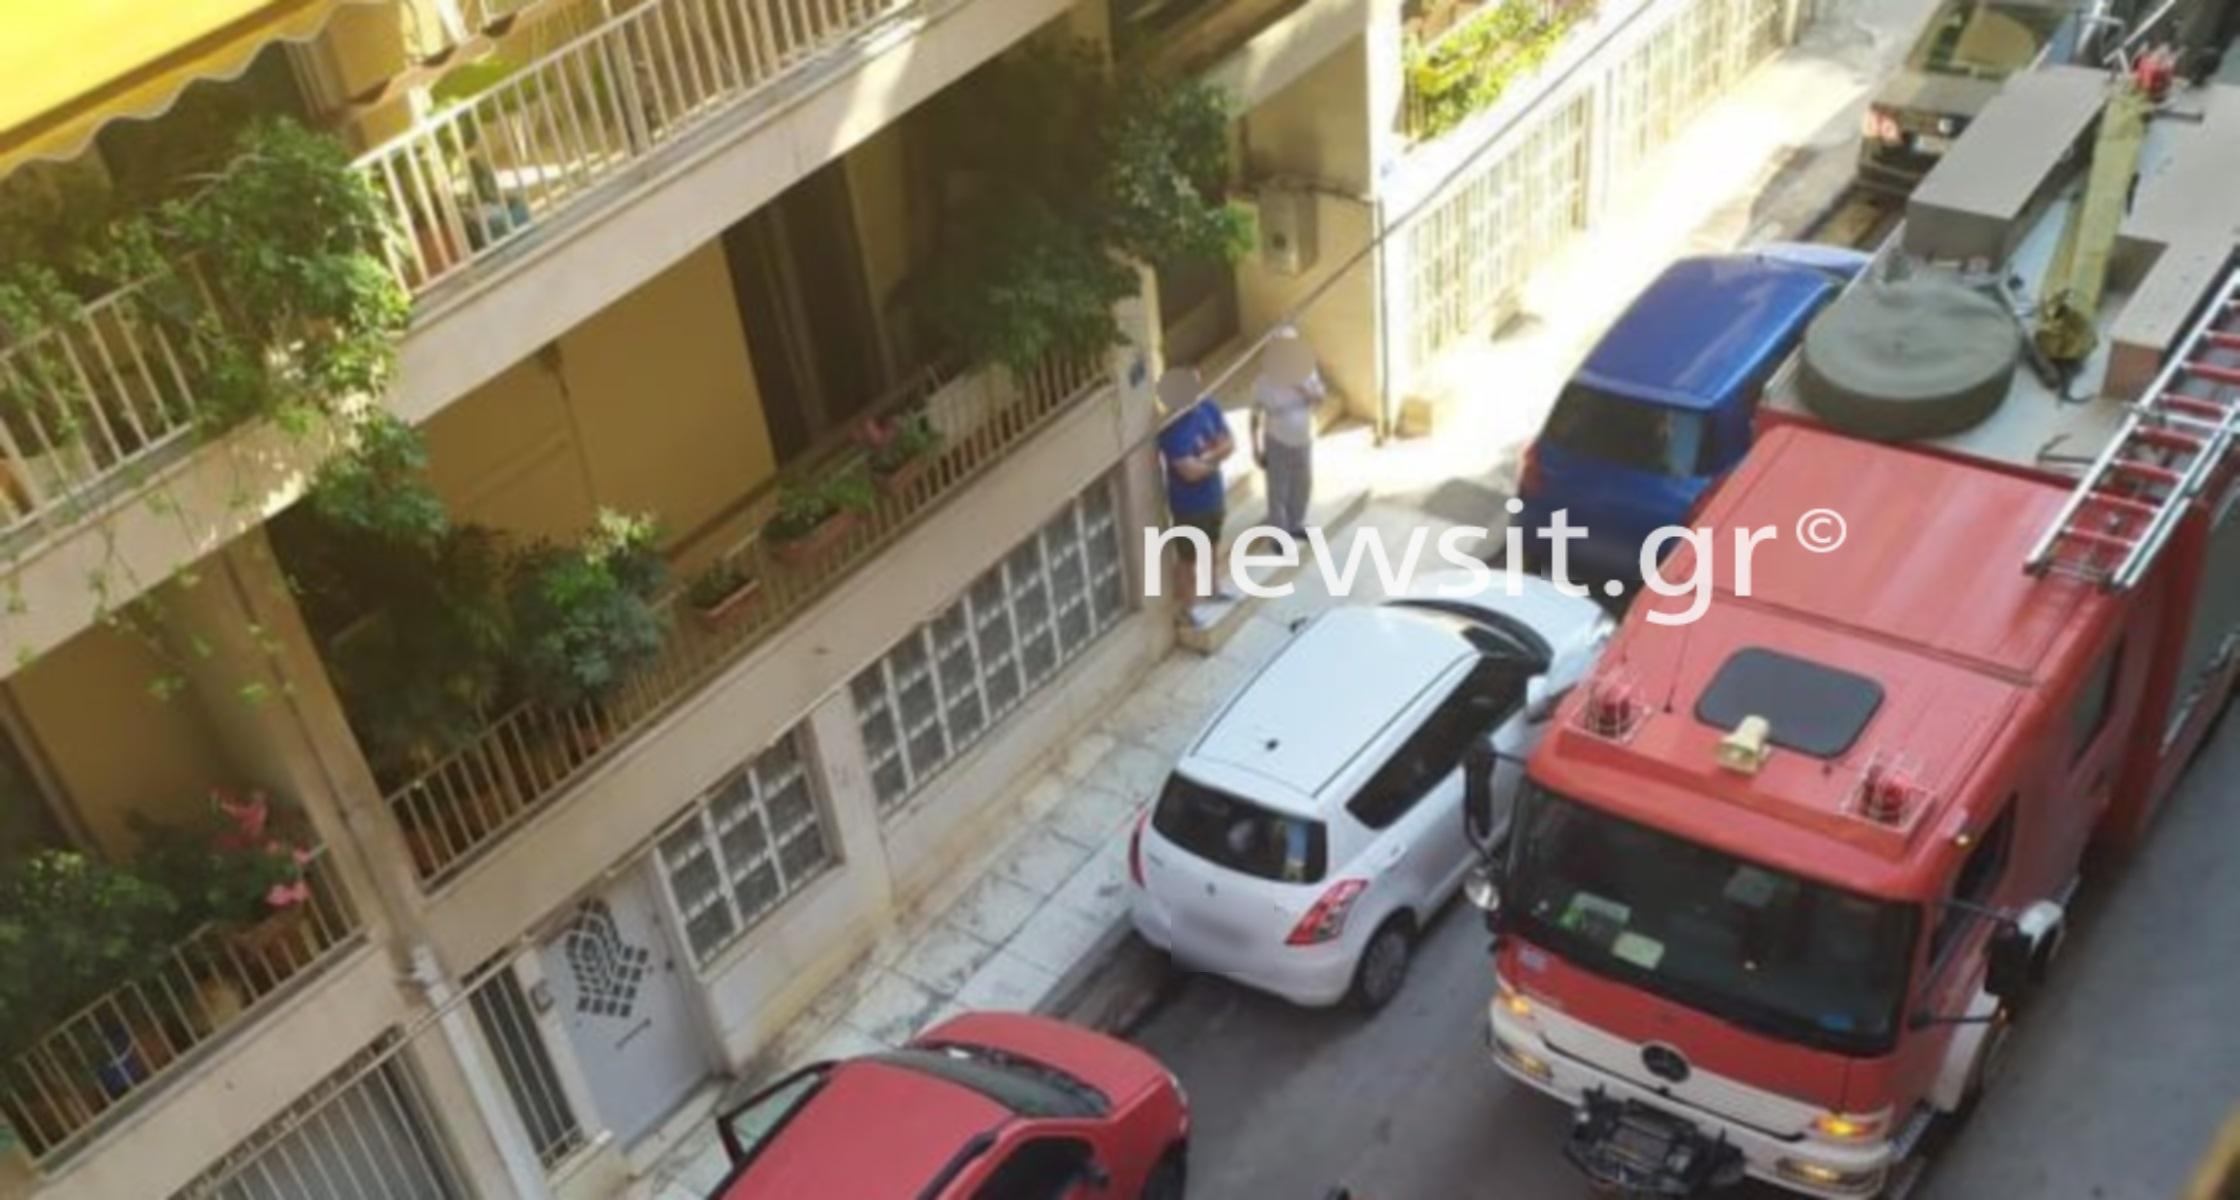 Τραγωδία στο Παγκράτι: Ασανσέρ καταπλάκωσε και τραυμάτισε σοβαρά συντηρητή